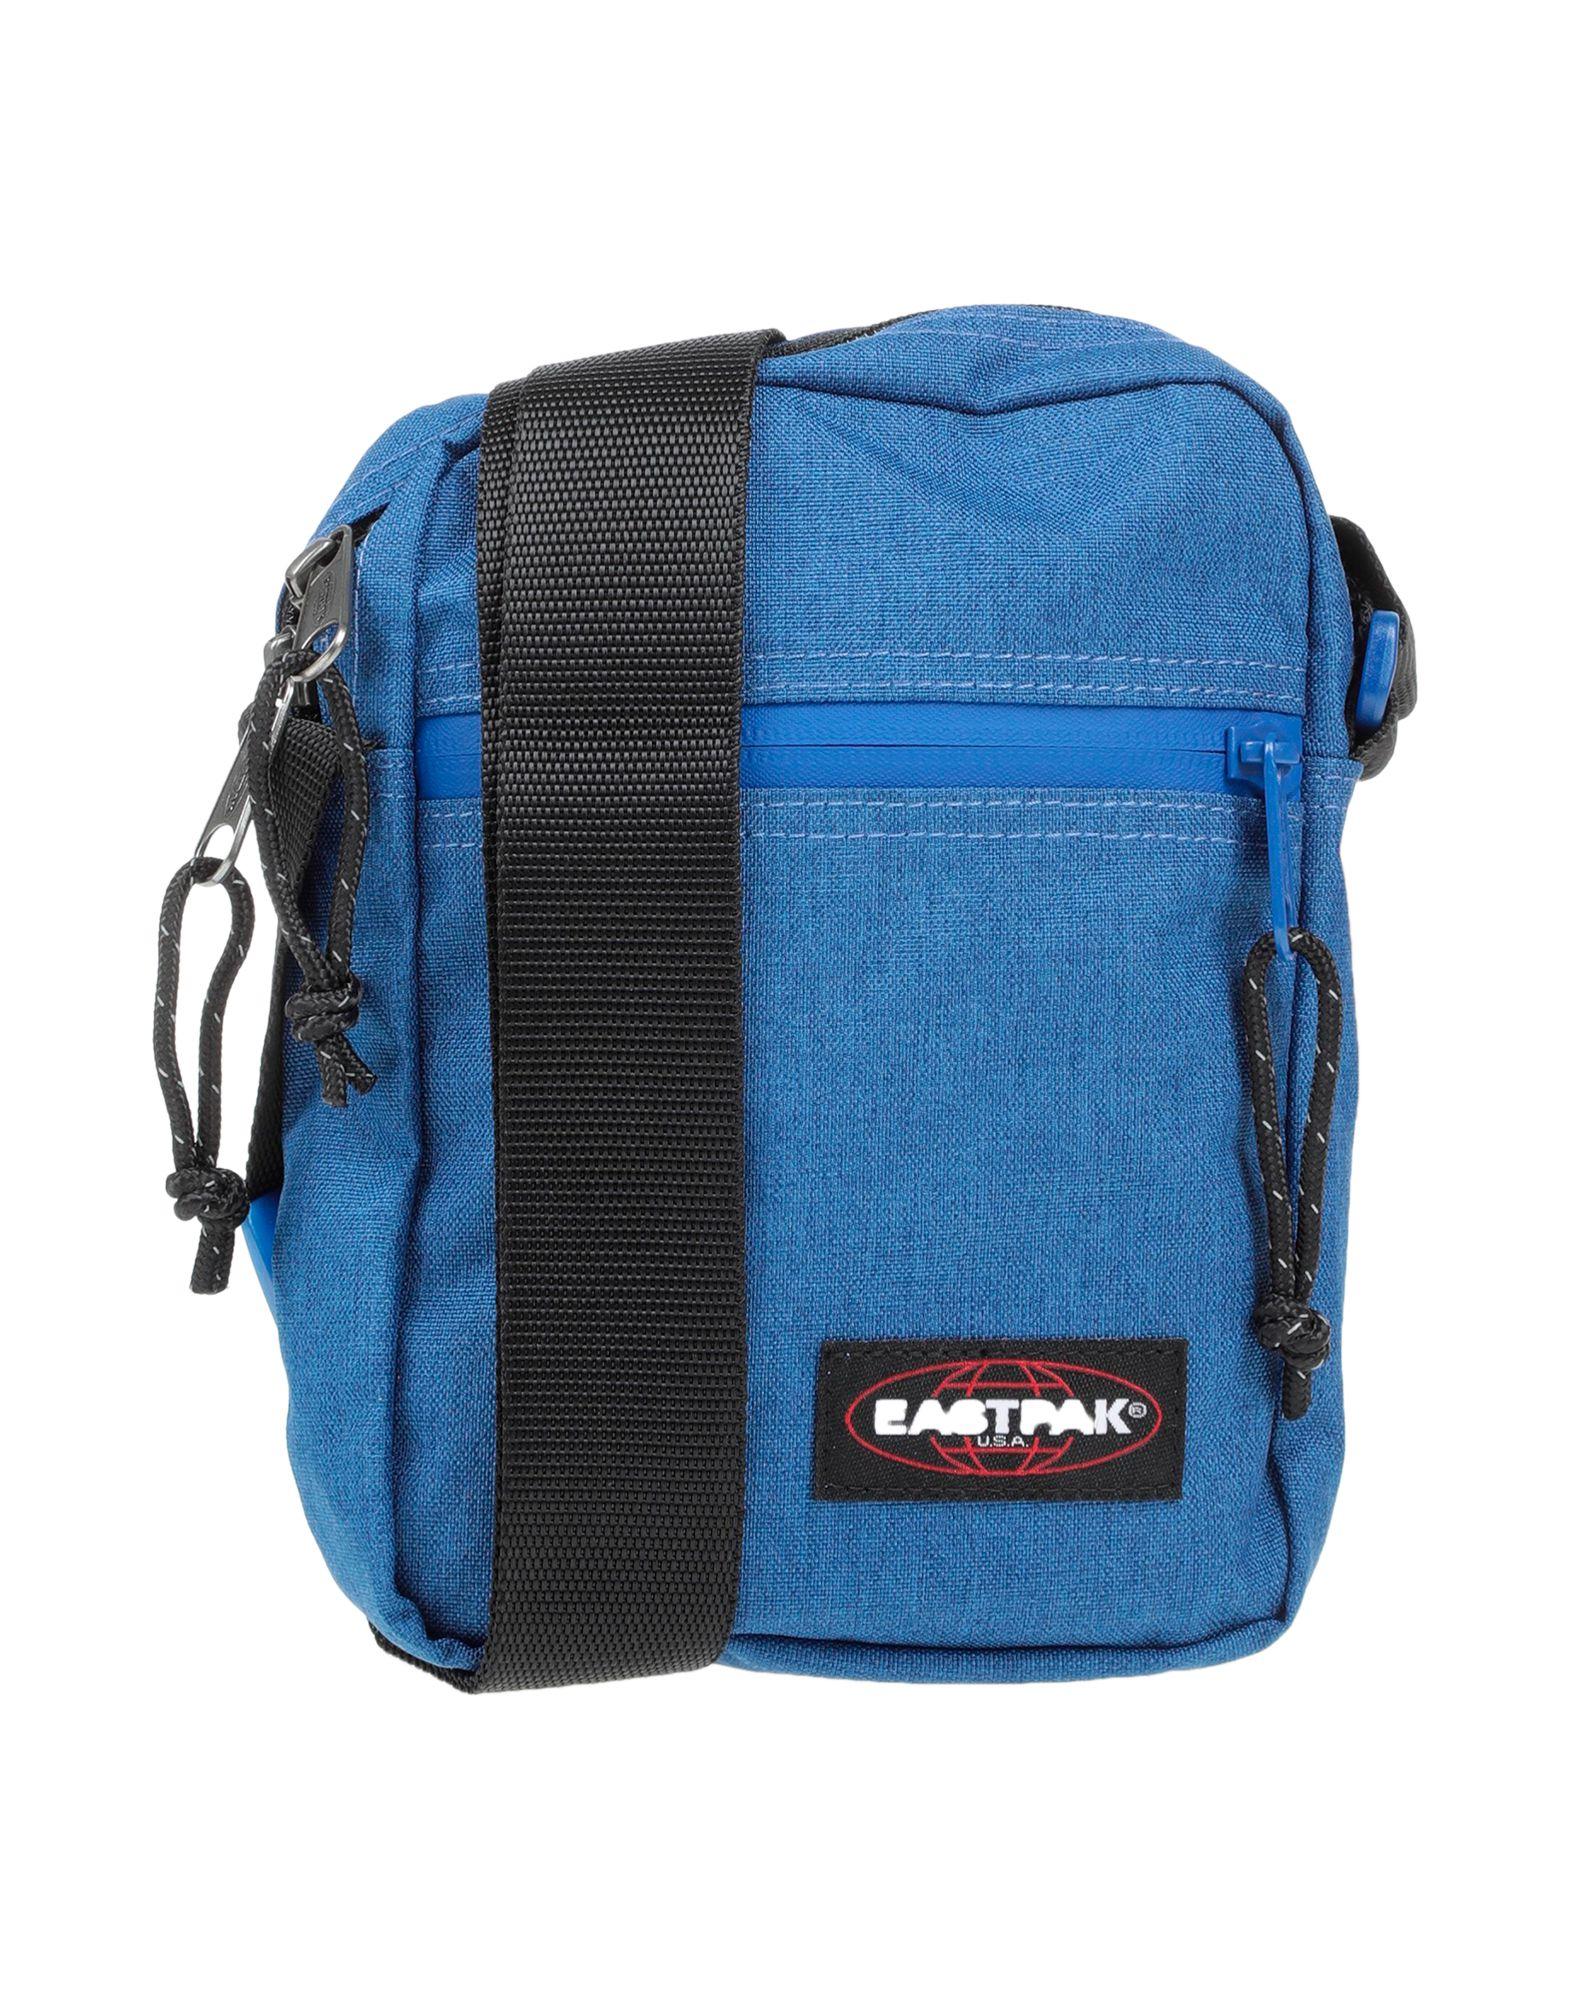 EASTPAK Сумка через плечо сумка через плечо anais gvani croco ag 1471 350161